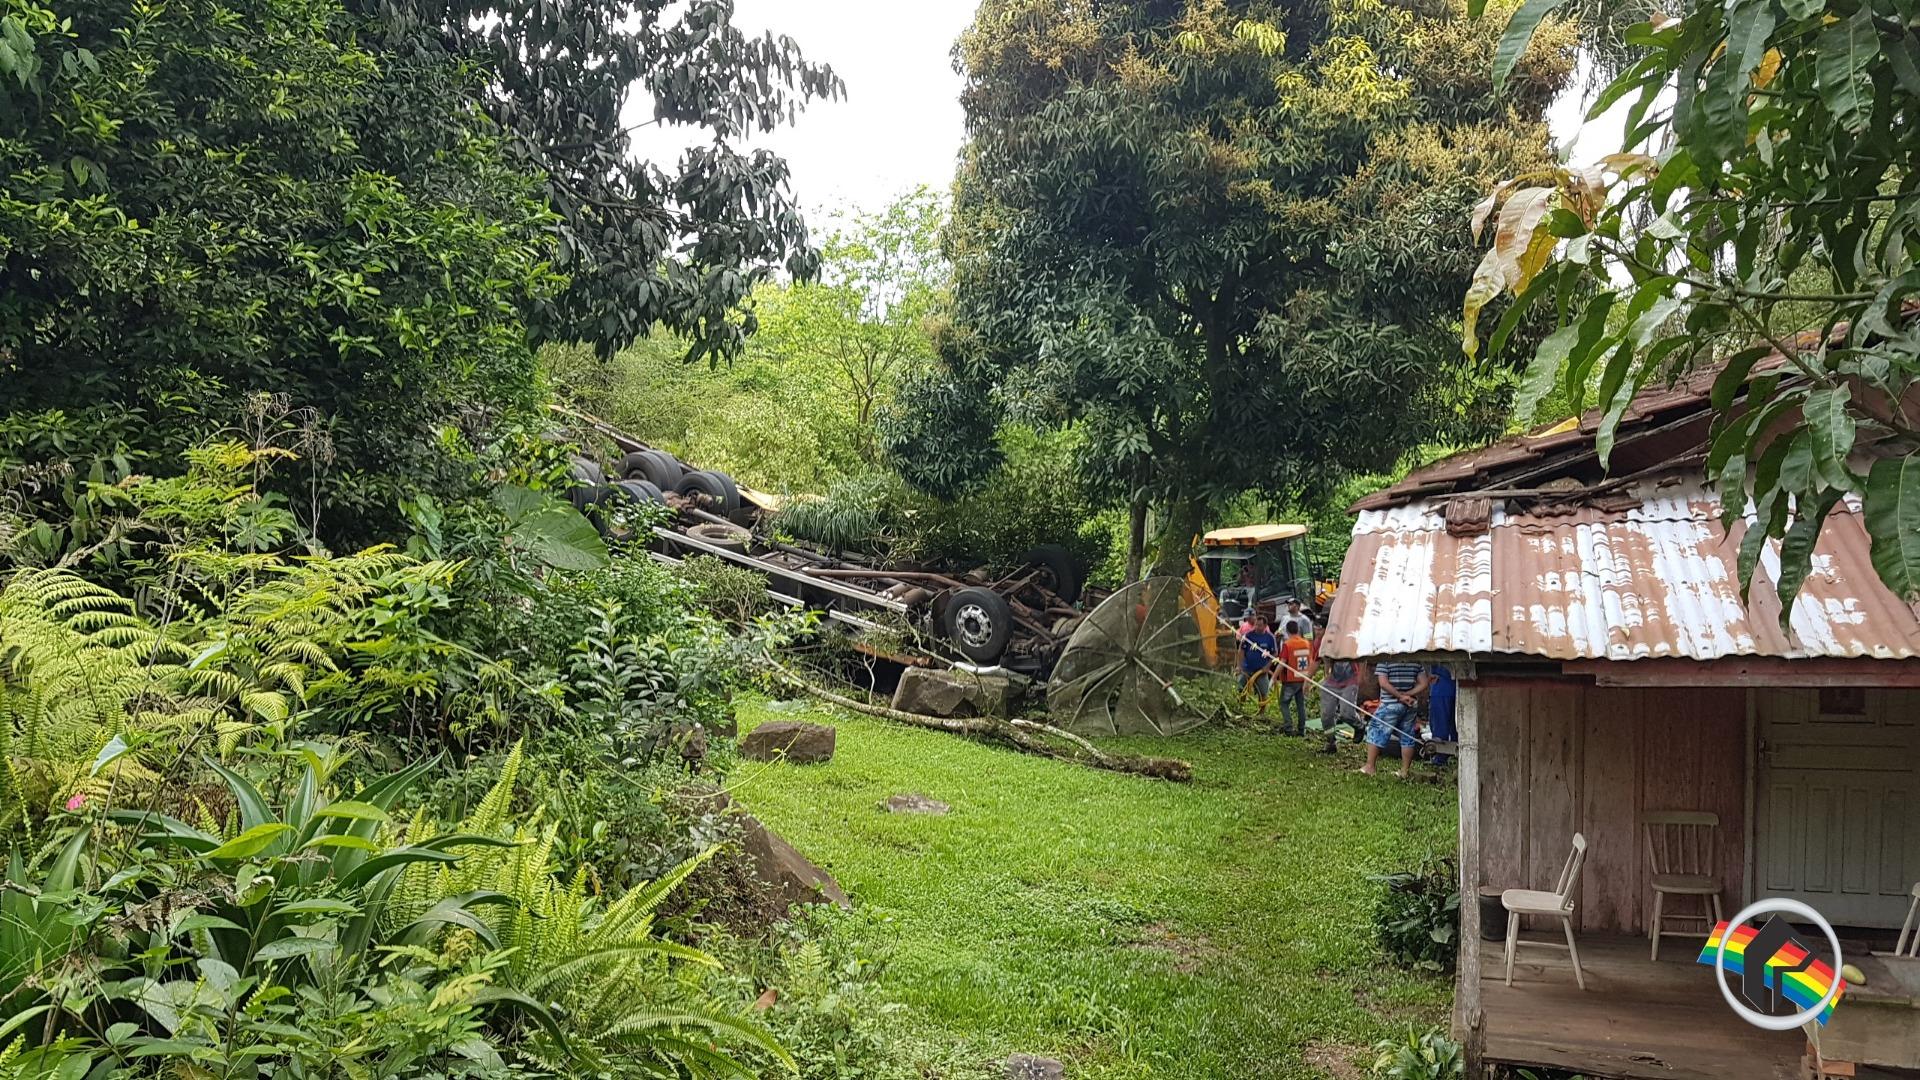 Caminhoneiro morre em acidente de trânsito em Itapiranga